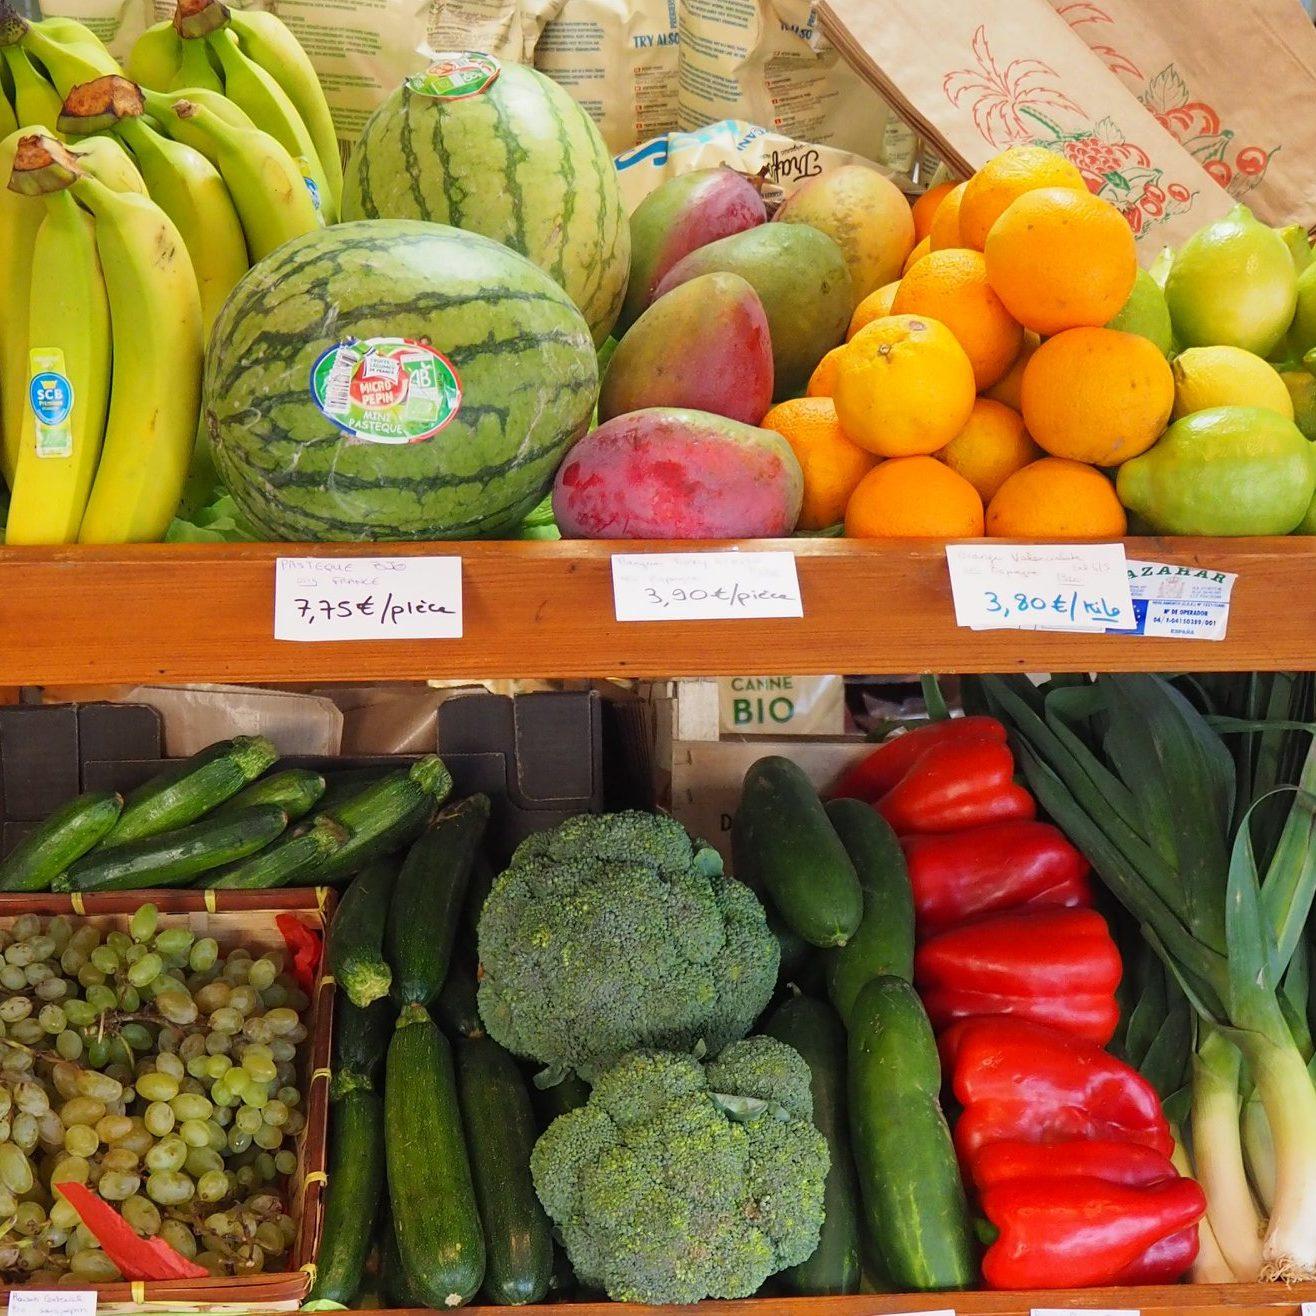 Ensemble de fruits et légumes biologique et de saison